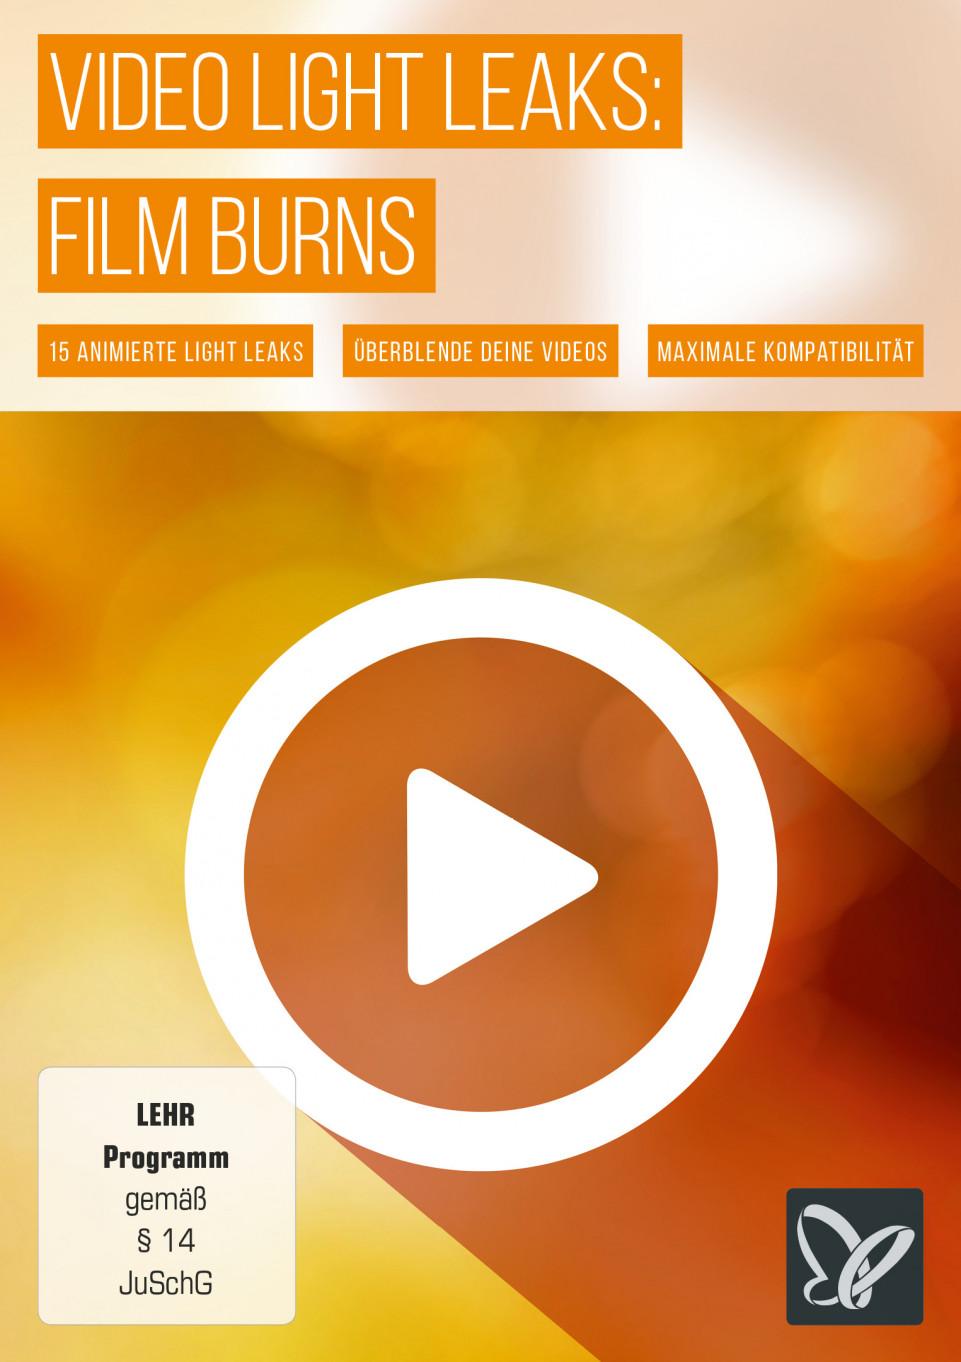 Light Leaks für spektakuläre Video-Effekte: Film Burns